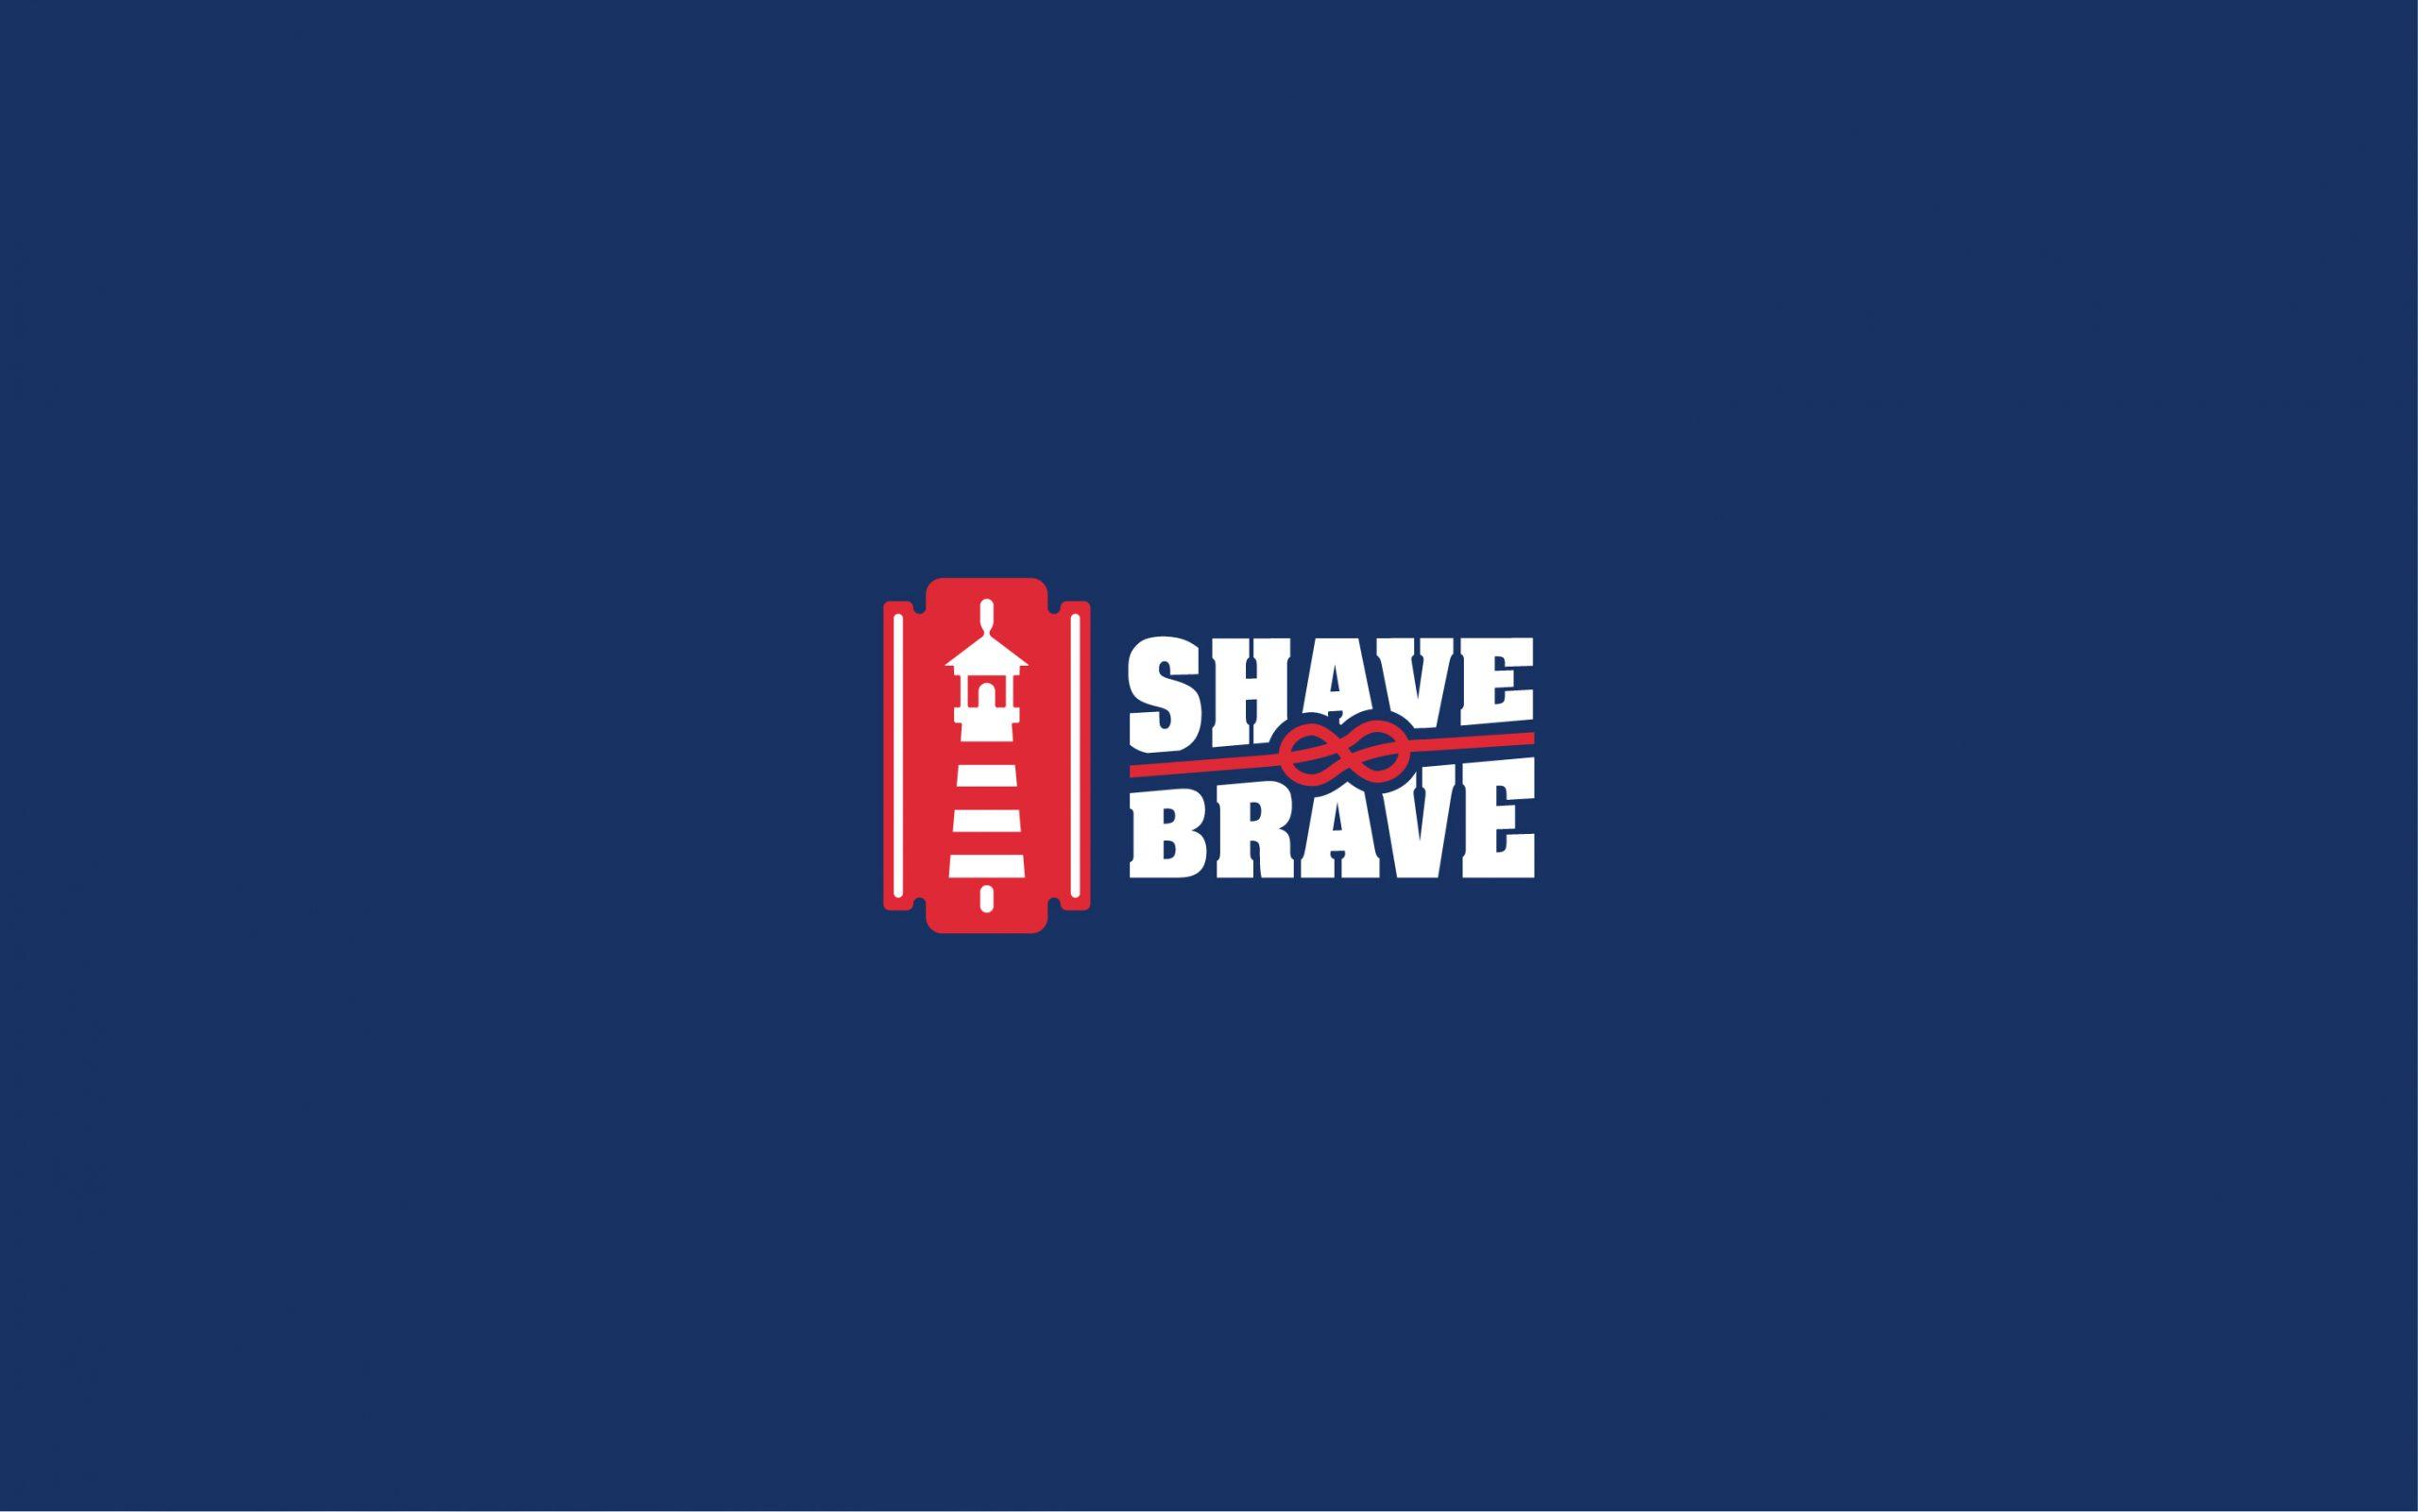 shave brave 1